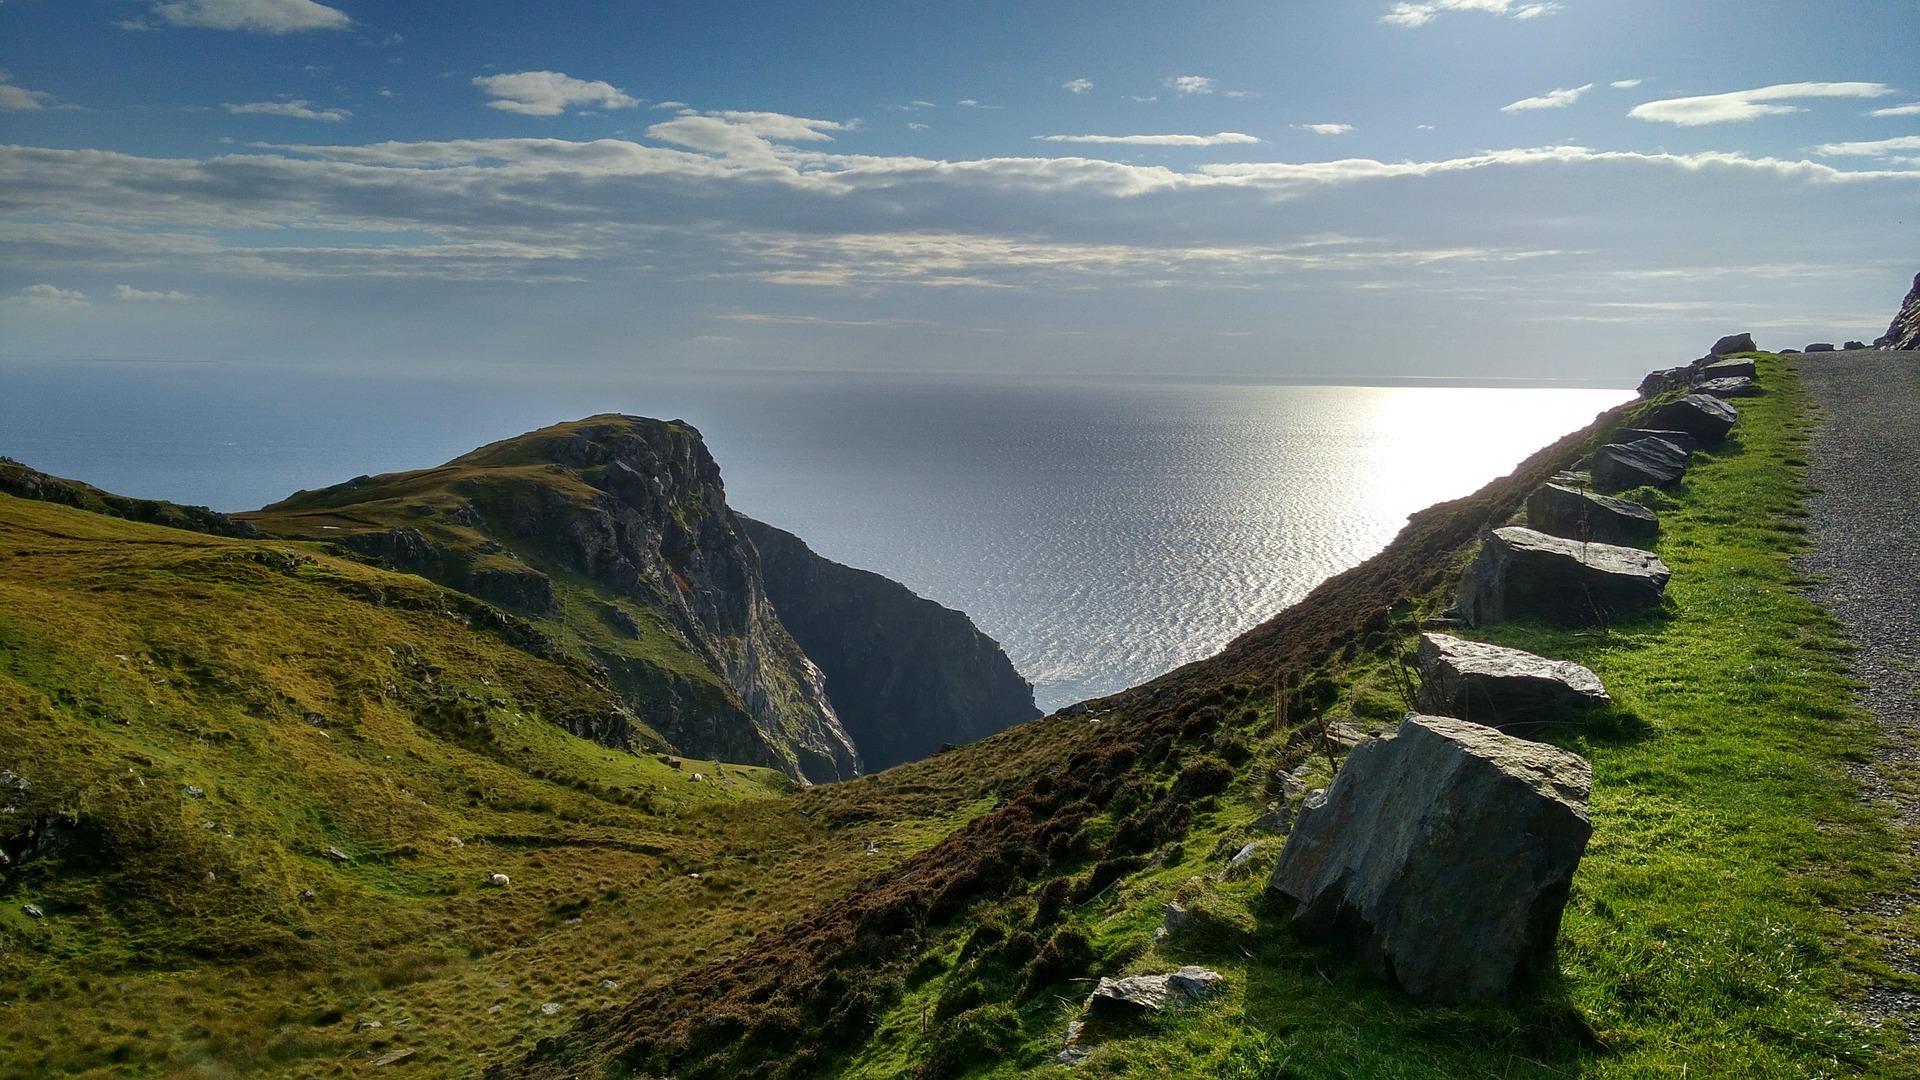 Uddannelse i udlandet - Tag på High School i Irland som udvekslingsstudent